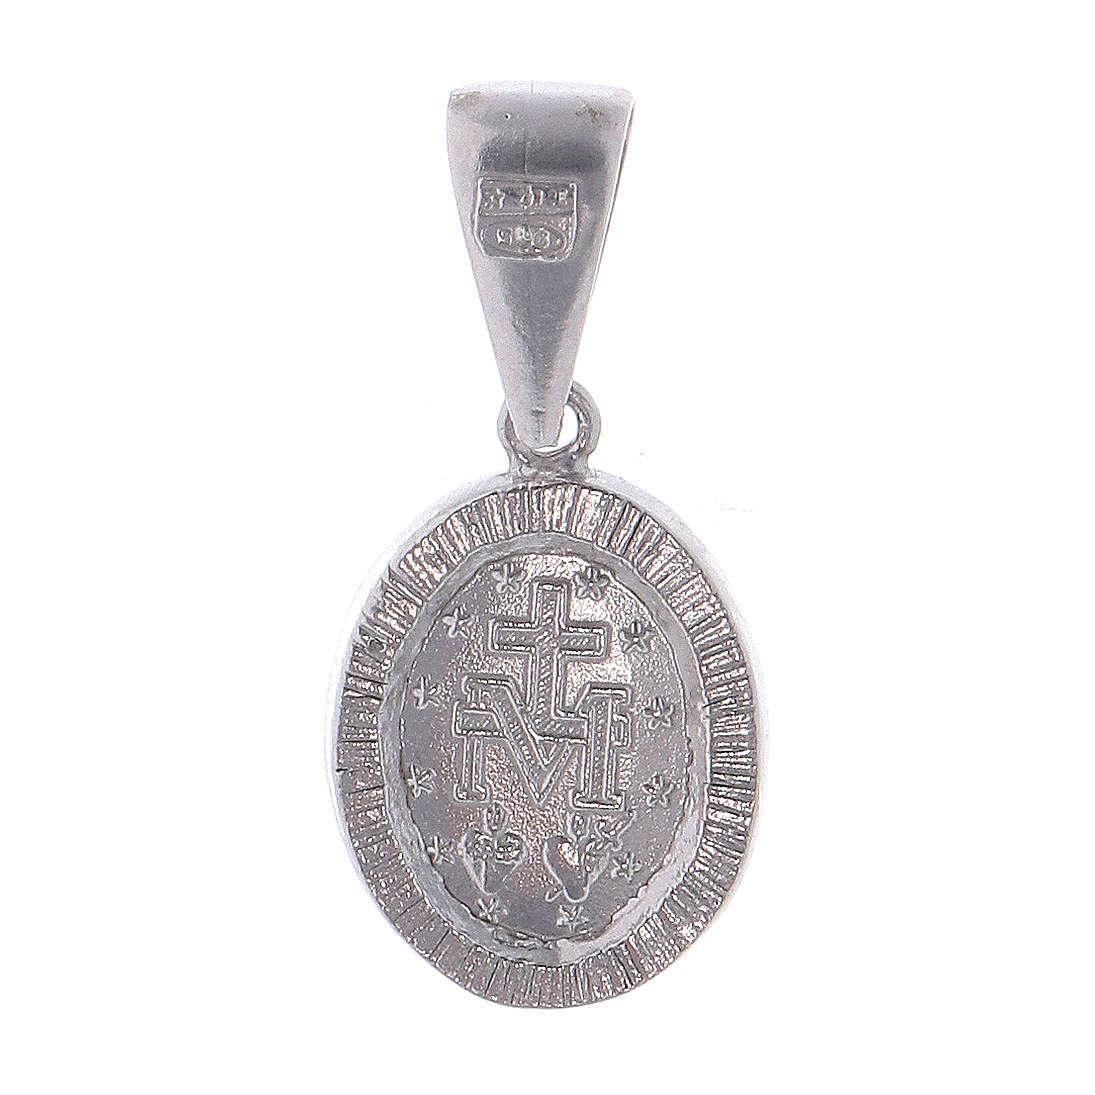 Medalla Virgen Milagrosa de Plata 925 con zircones transparentes 4